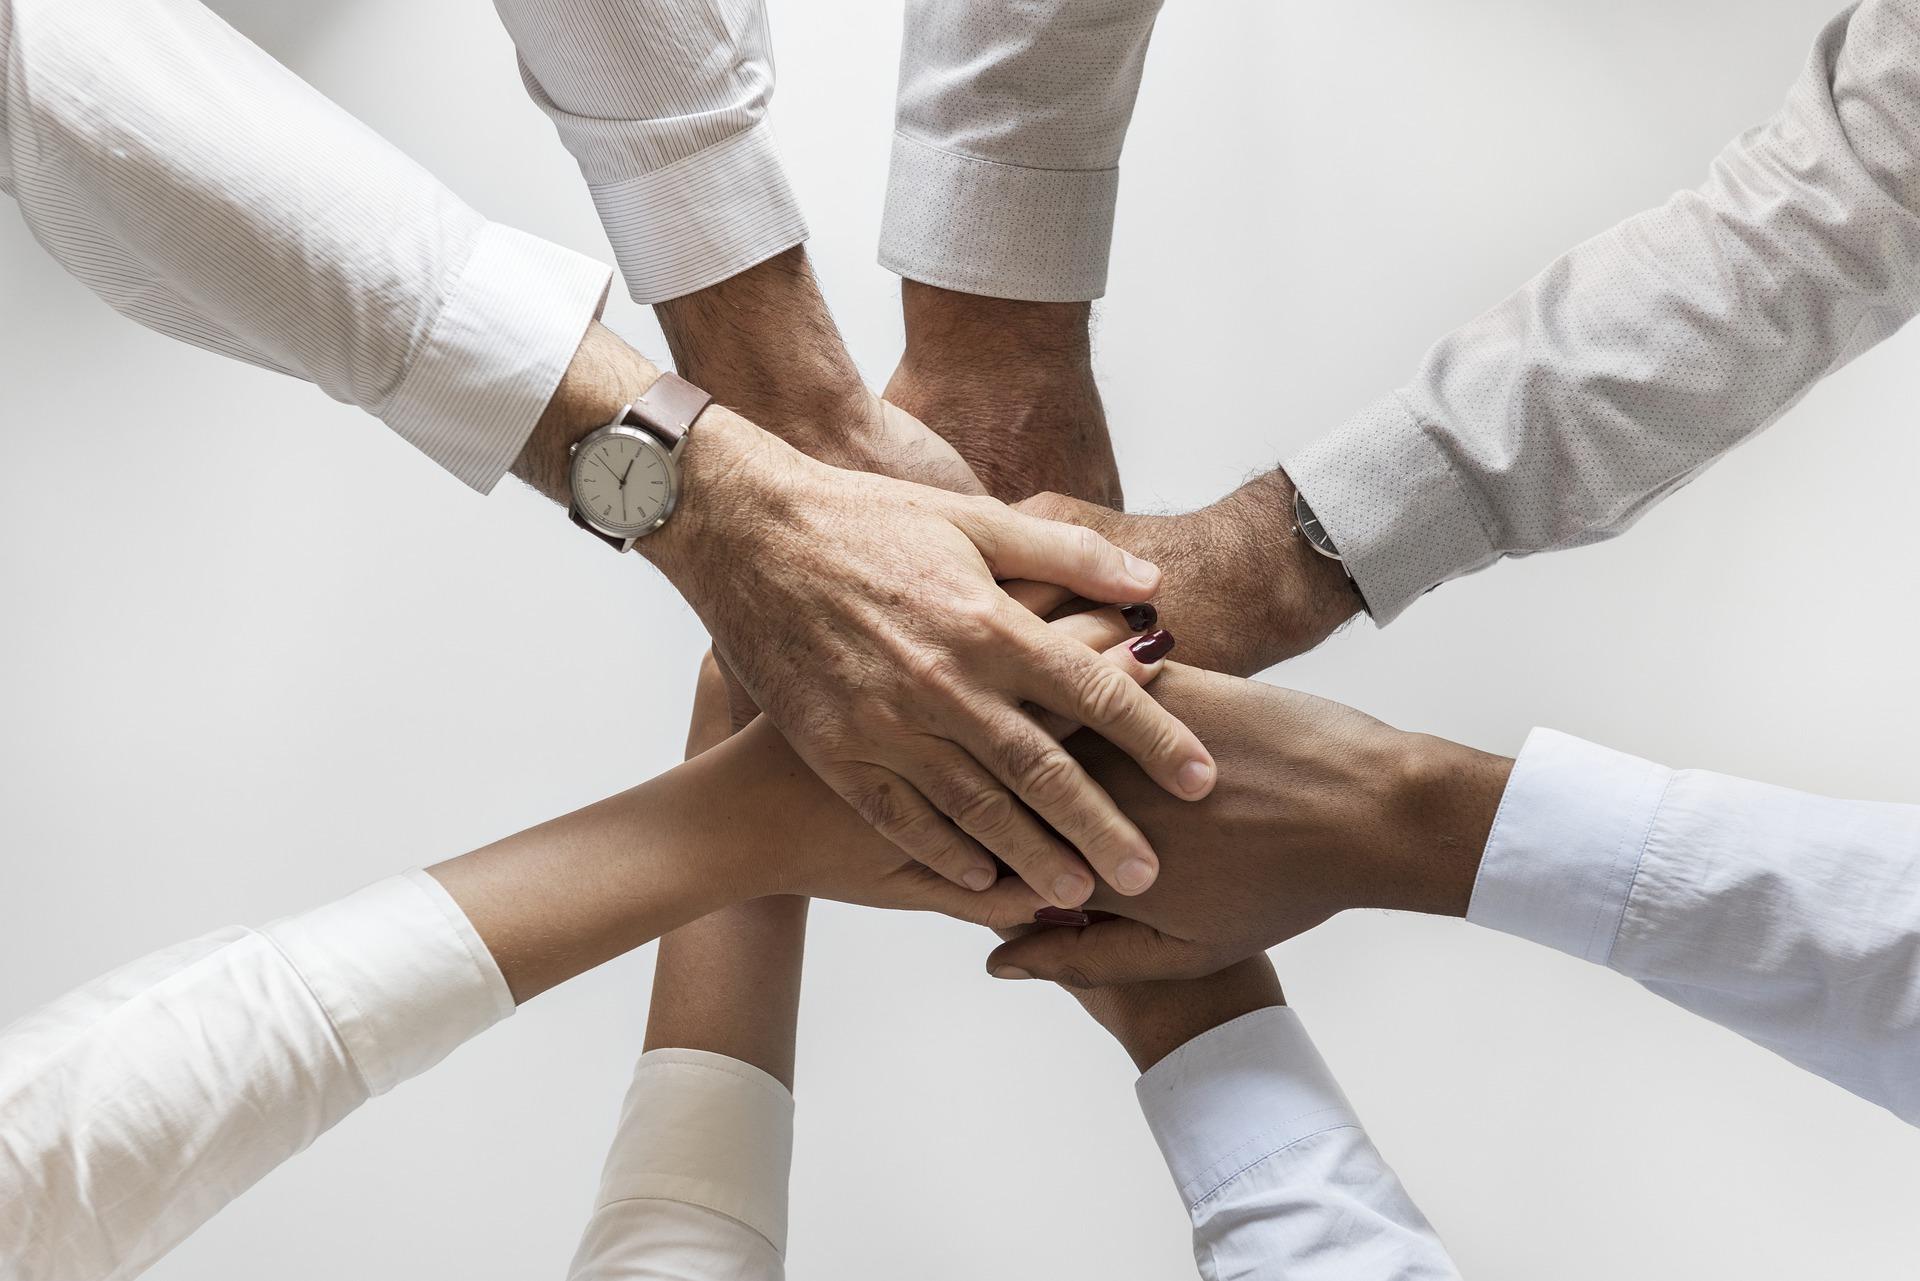 Ruce nás všech vytváří společnost (ilustrační foto)